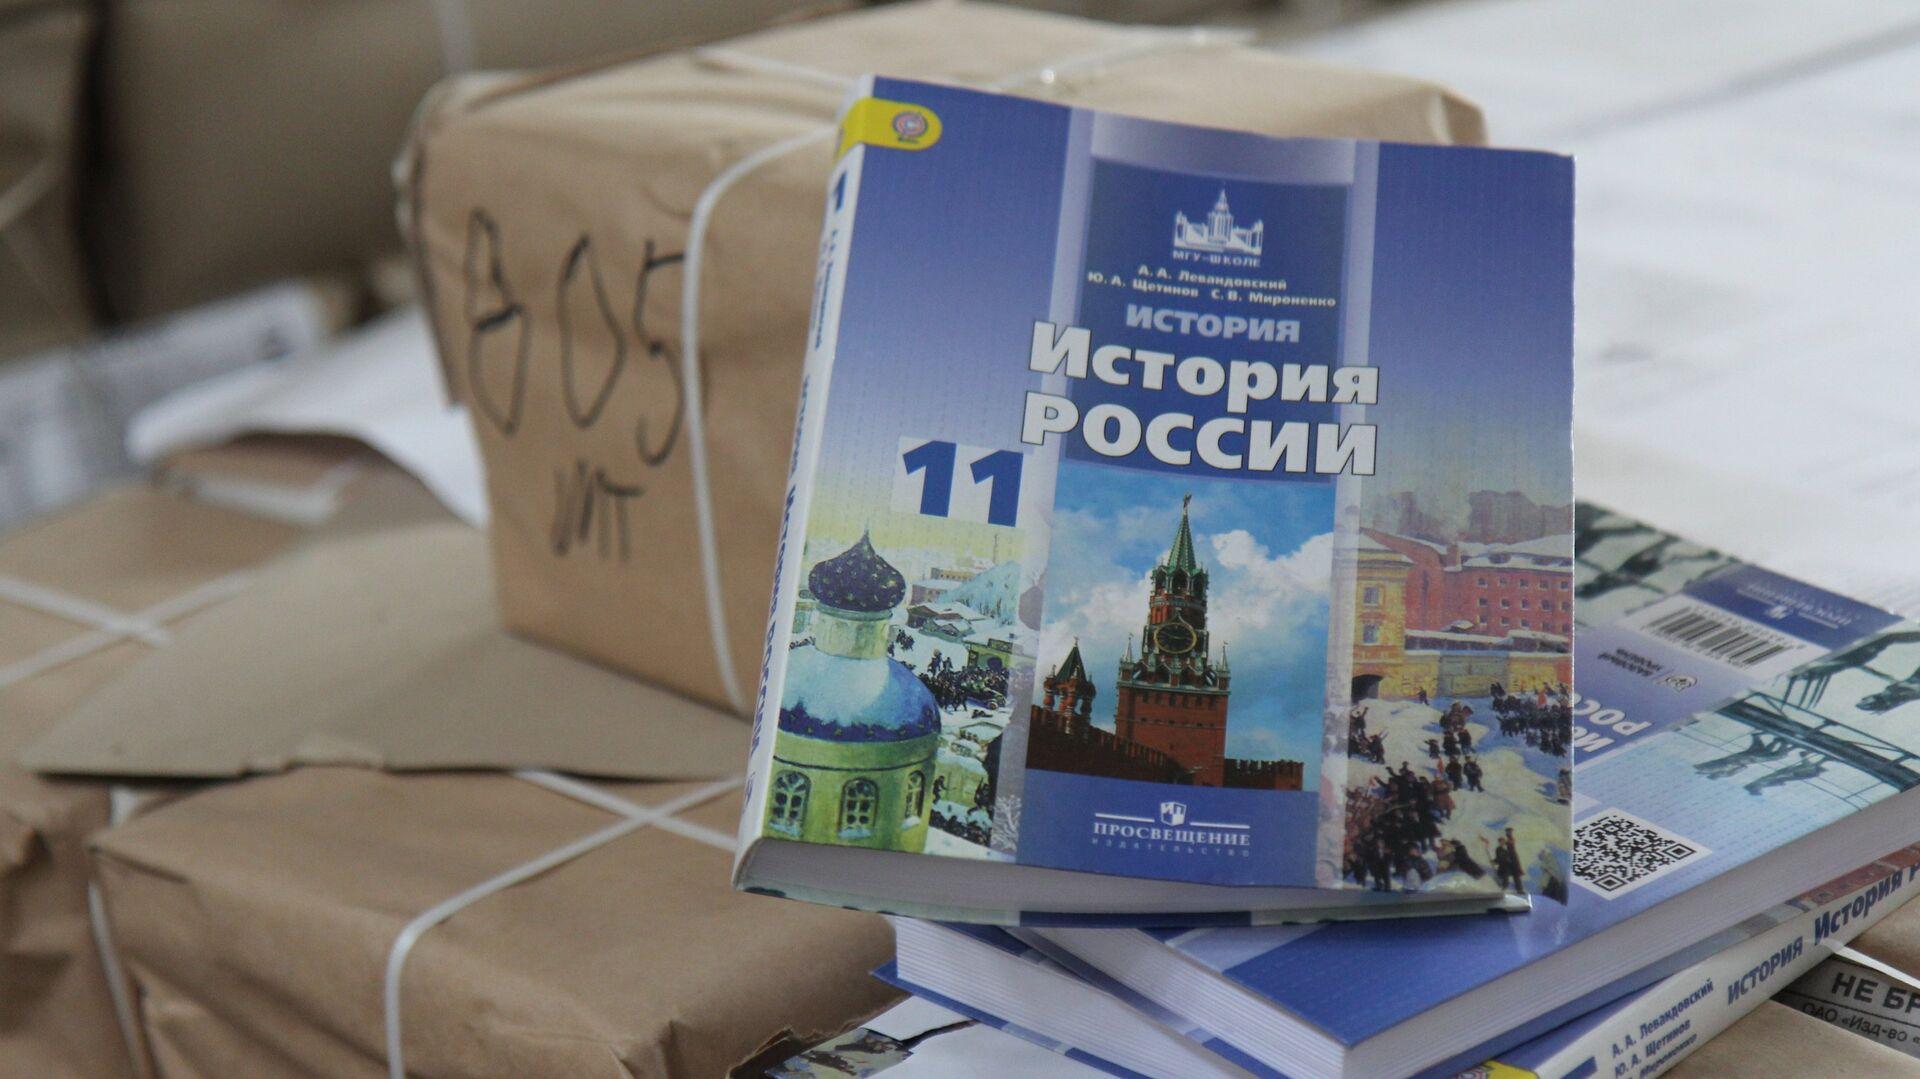 Учебник по истории России - РИА Новости, 1920, 19.11.2019